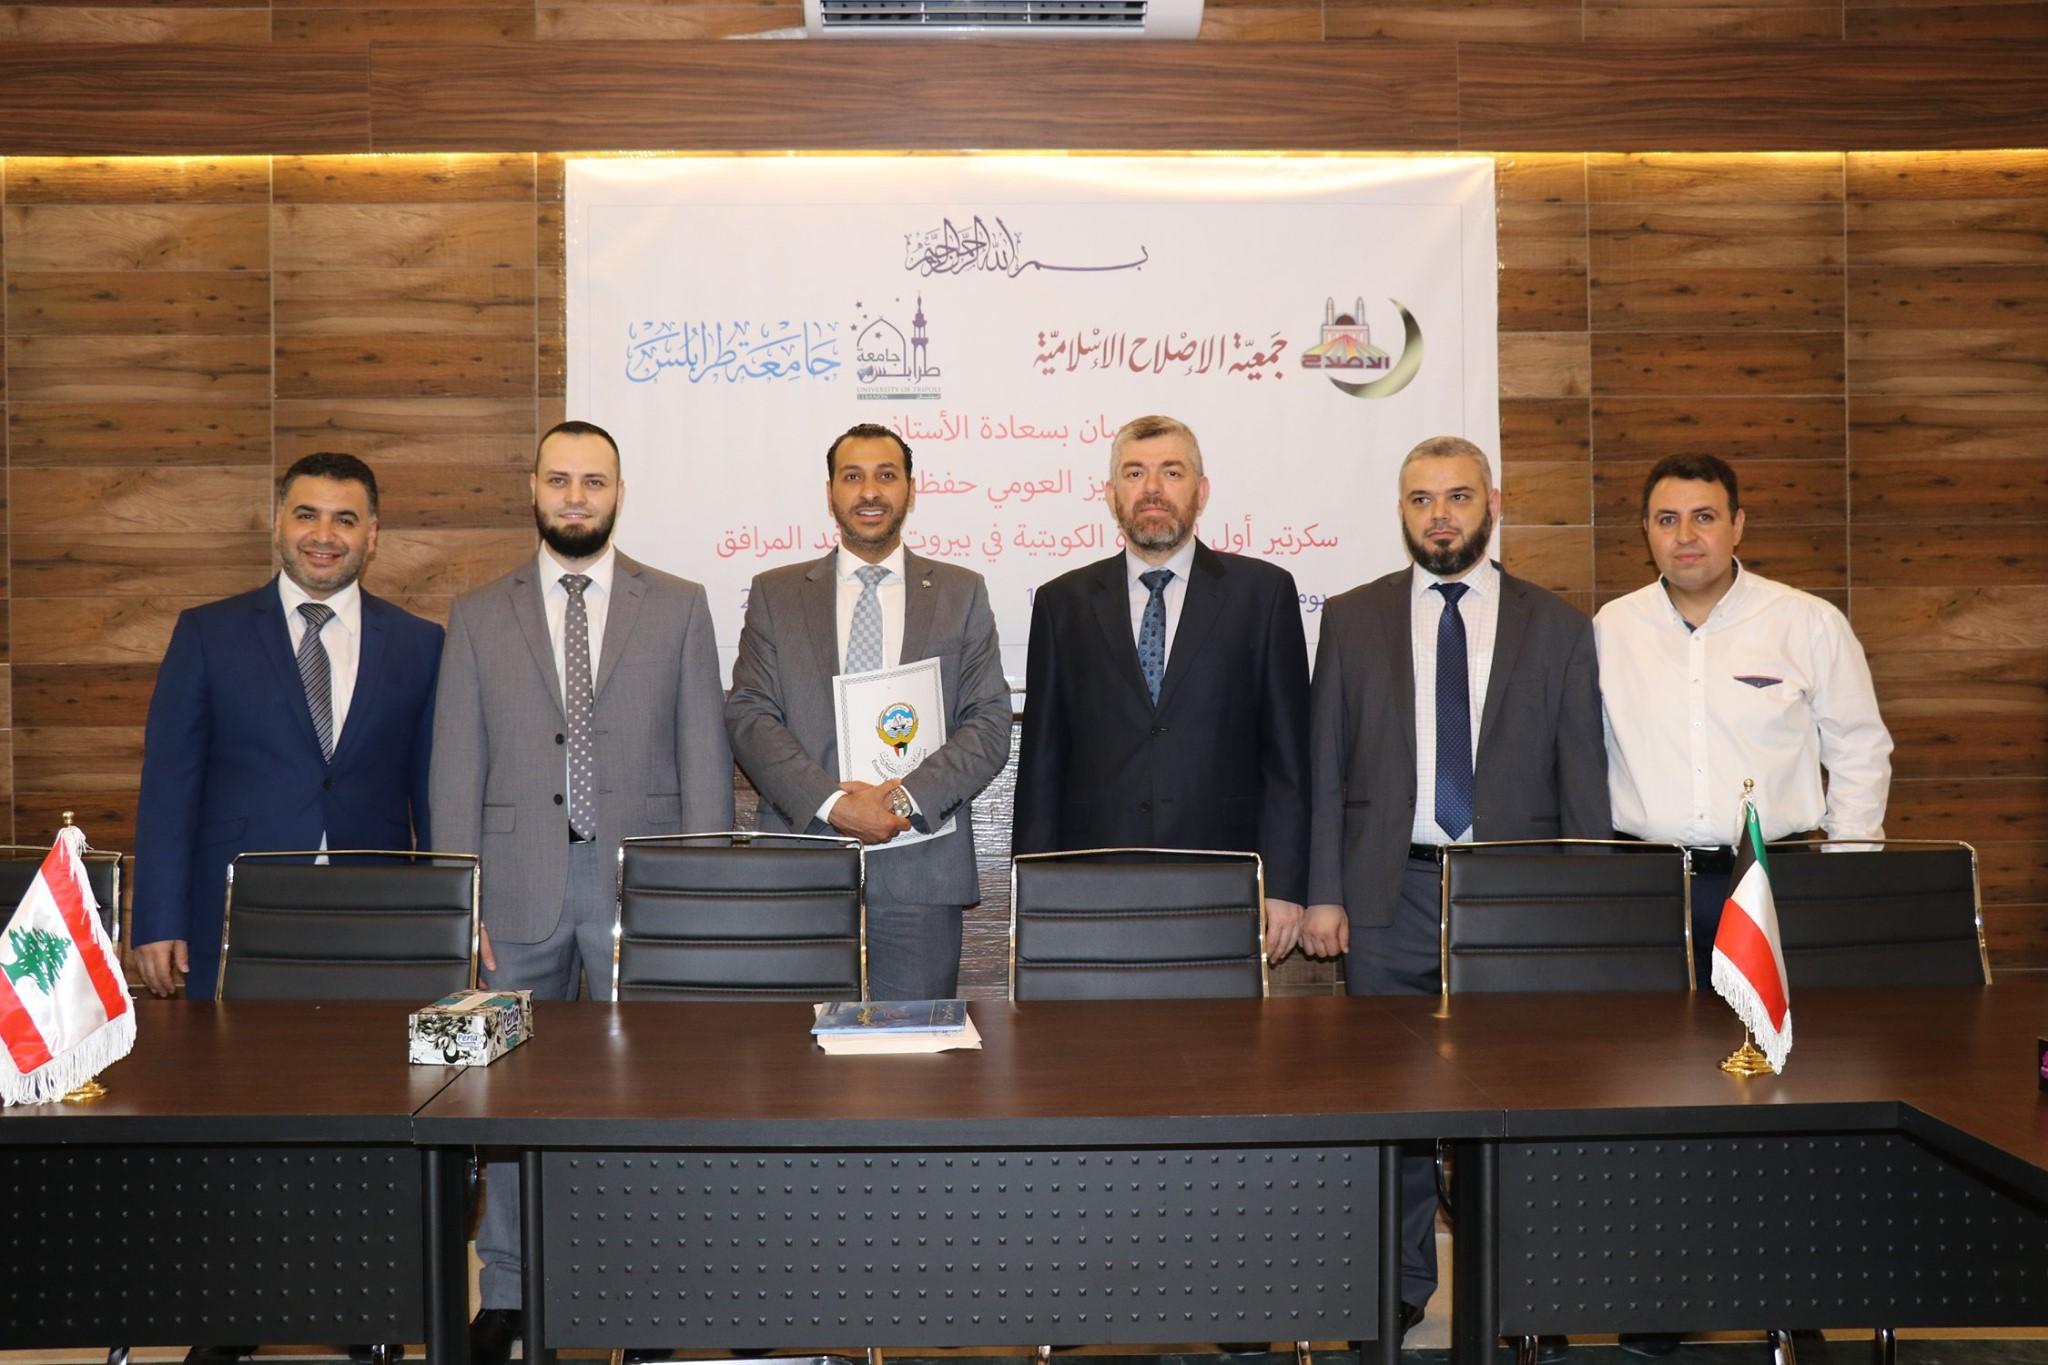 السكرتير الأول في السفارة الكويتية في بيروت يزور مجمع الإصلاح الإسلامي في طرابلس (3/5)